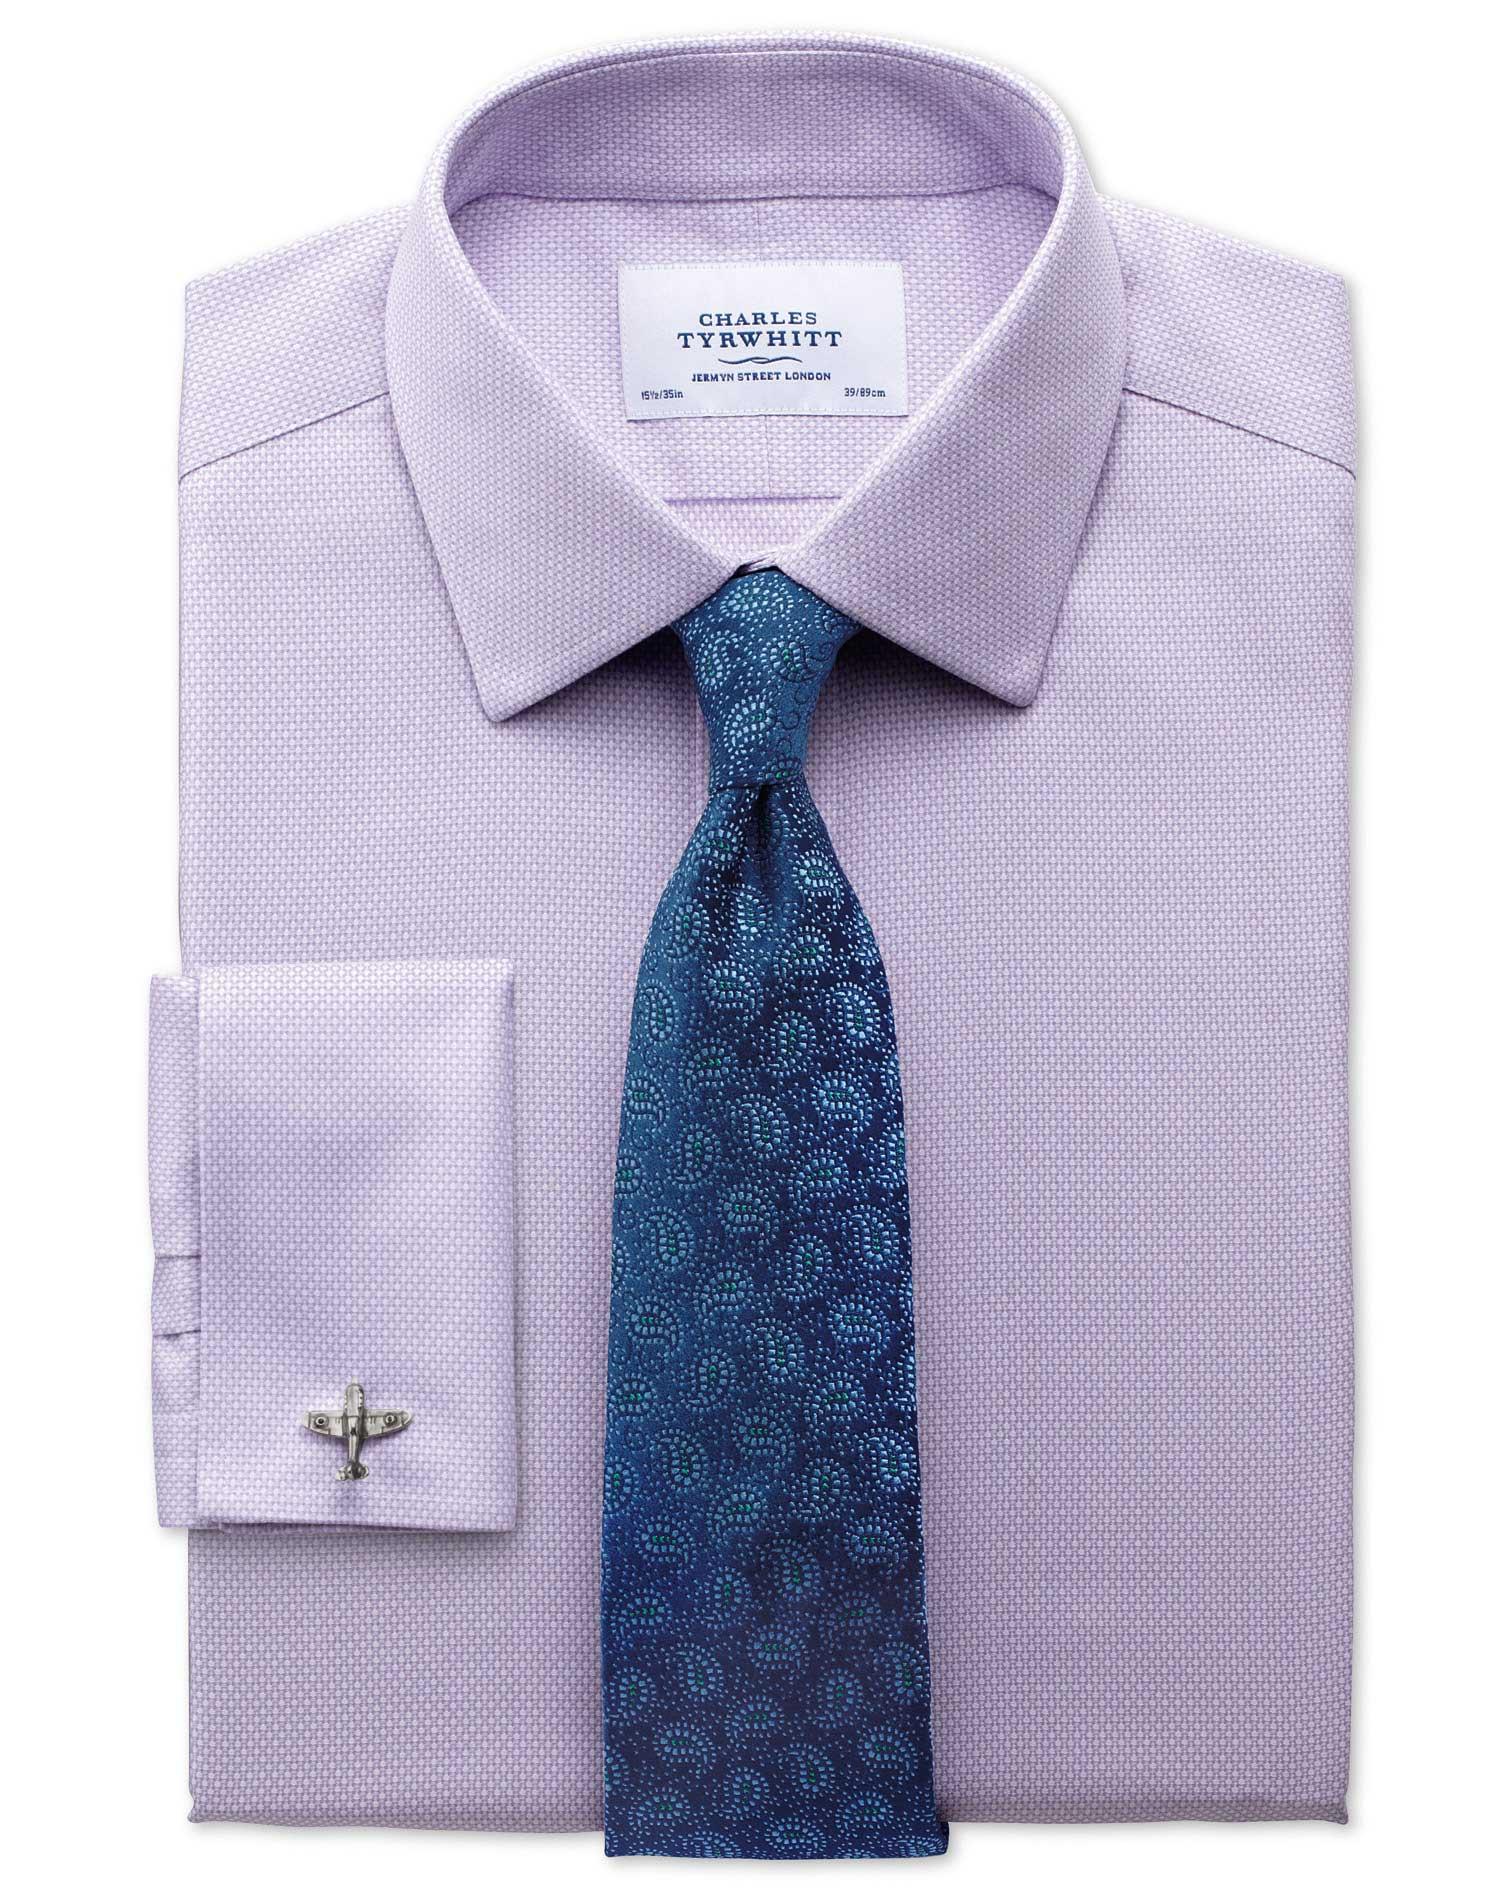 Classic Fit Non Iron Honeycomb Lilac Shirt Charles Tyrwhitt